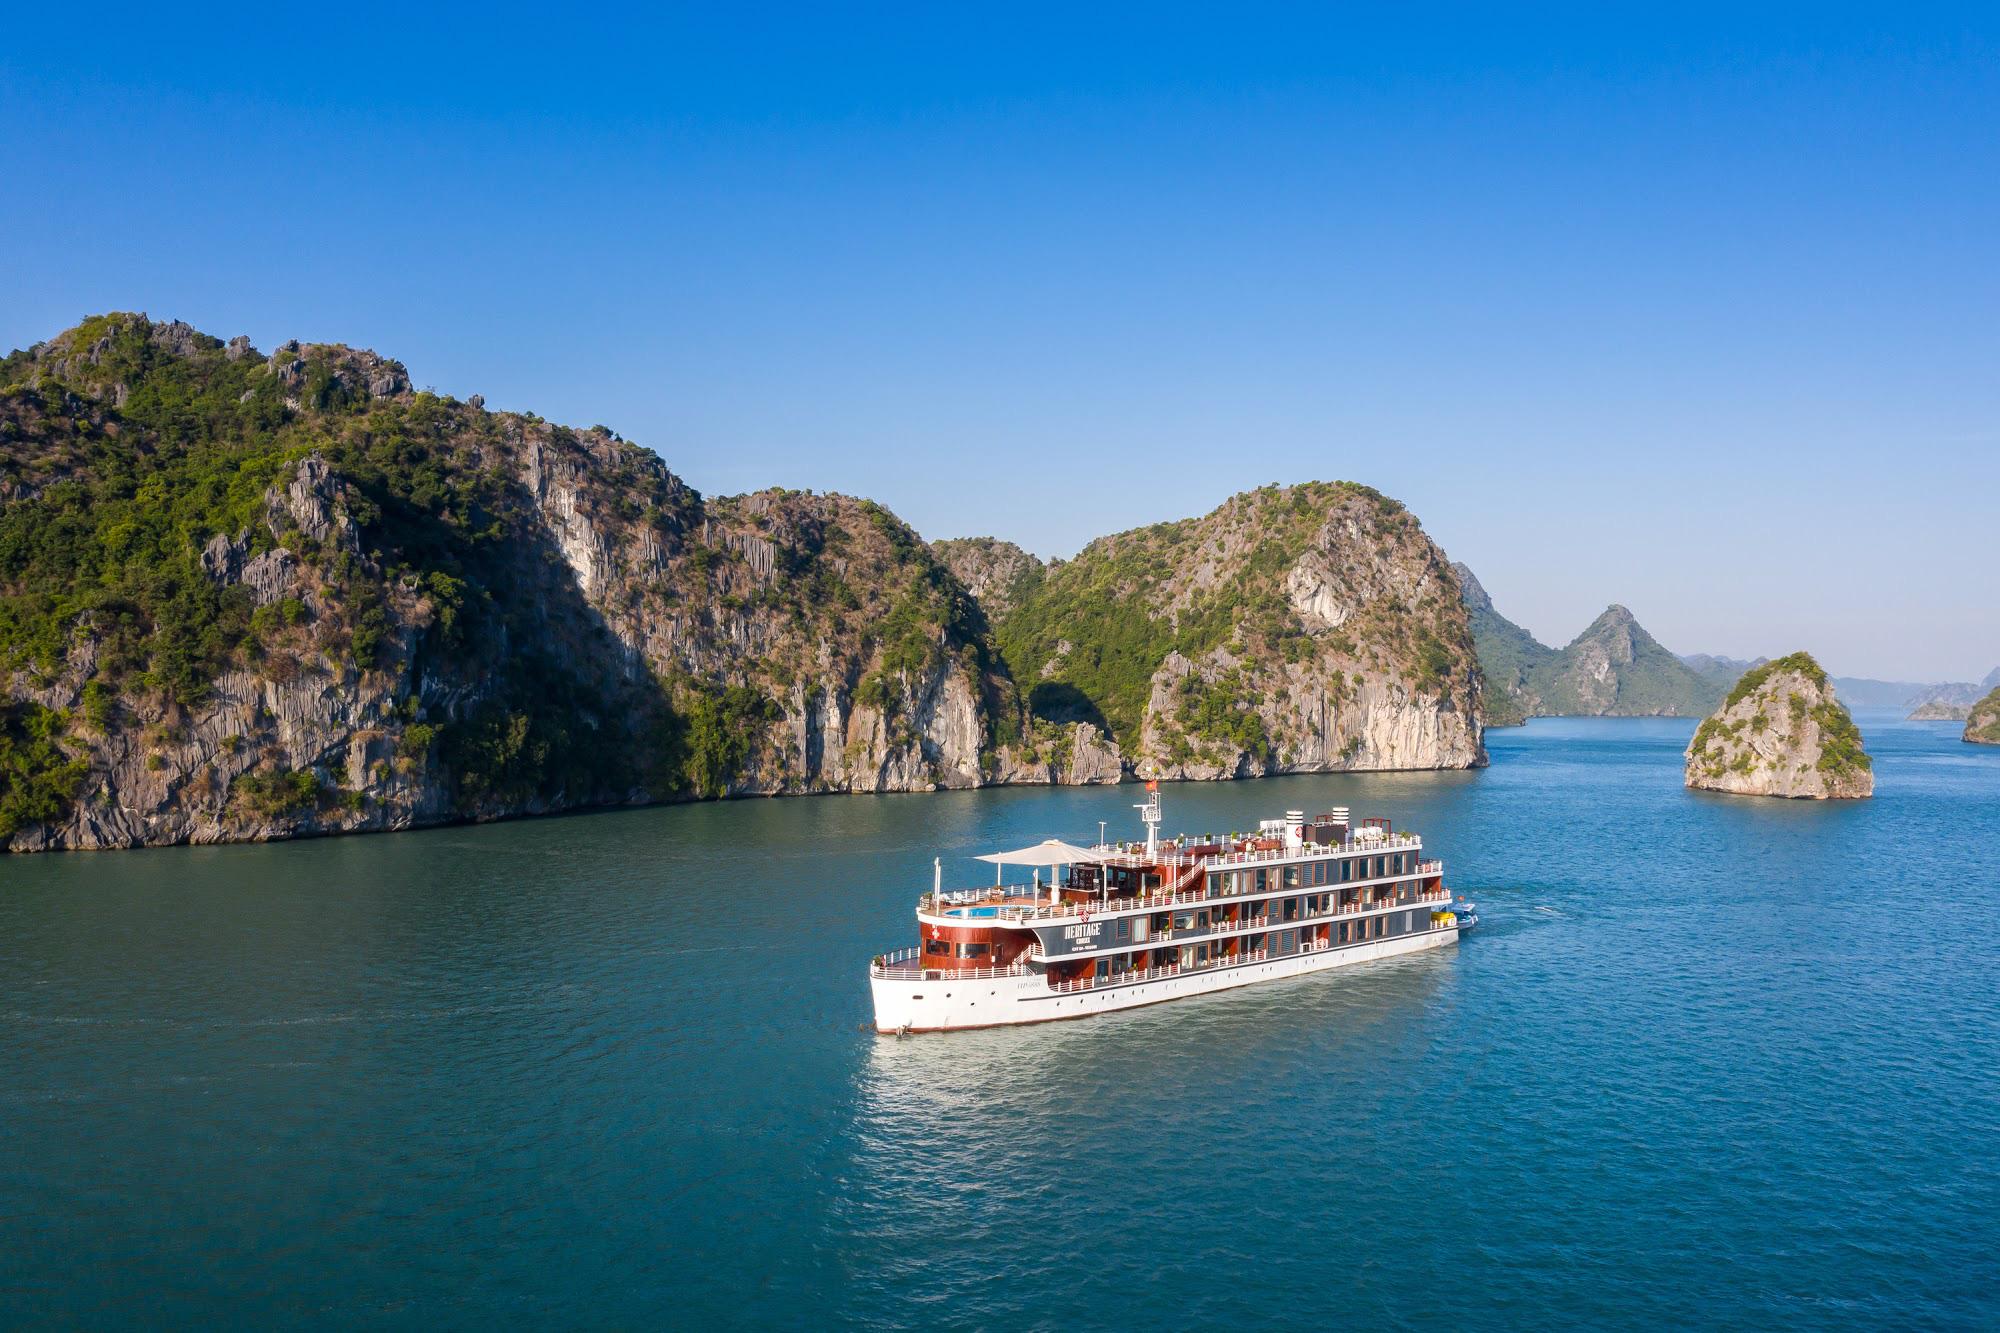 10 điều chưa biết về vịnh Lan Hạ - một trong những vịnh đẹp nhất thế giới - Ảnh 1.